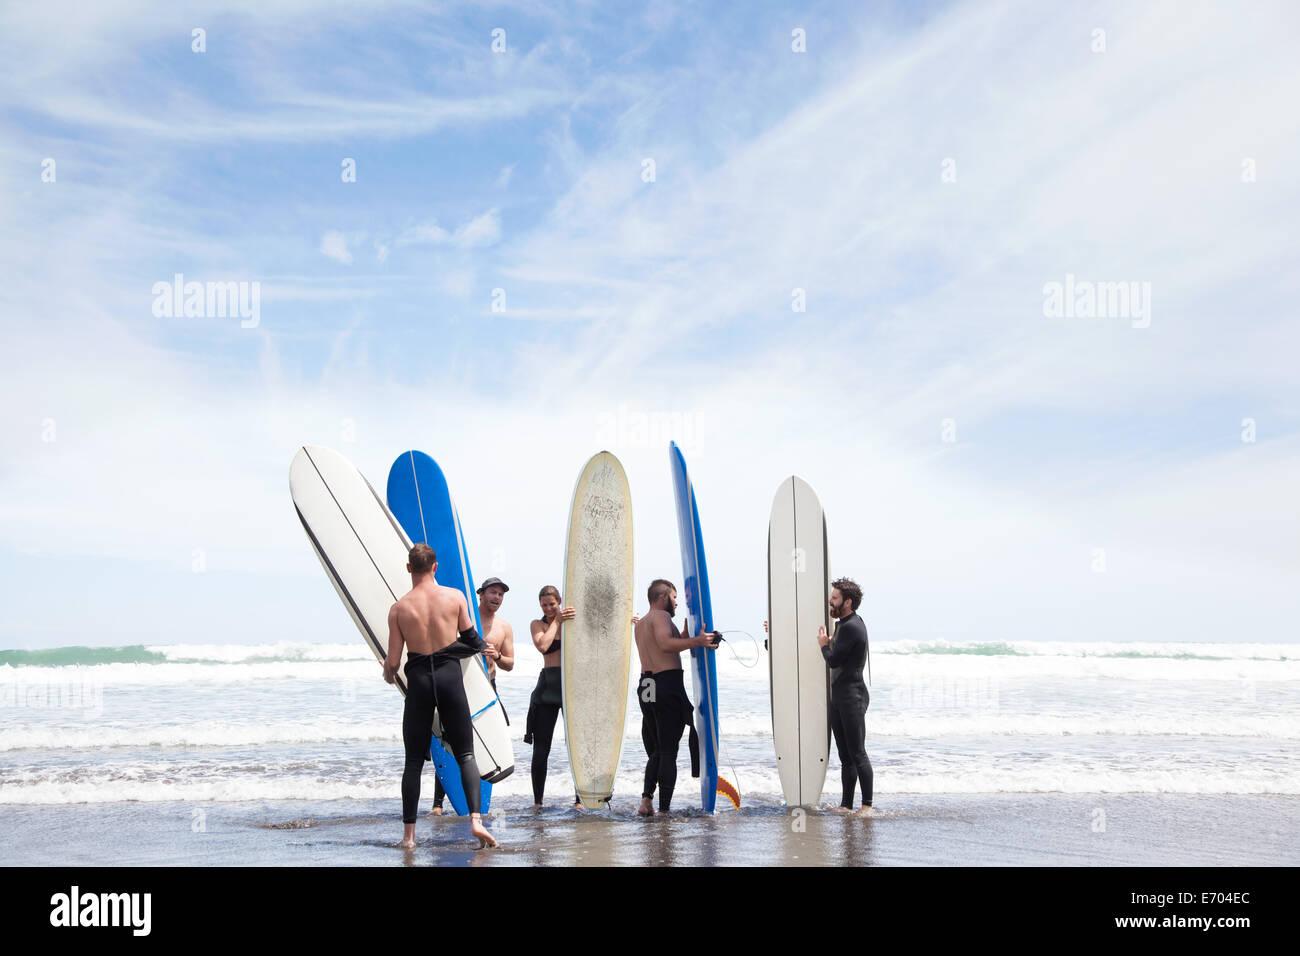 Un grupo de amigos surfistas masculinos y femeninos de pie en la playa con tablas de surf Imagen De Stock